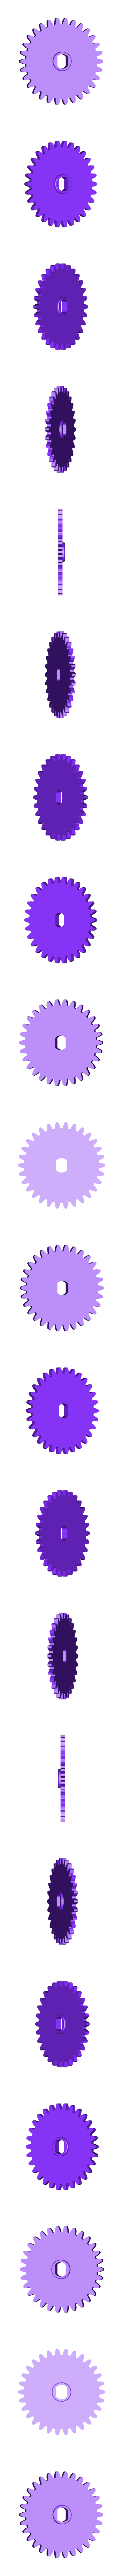 Spur gear 2 - Stirnrad 2.stl Télécharger fichier STL gratuit Rapport d'engrenage 1:2 / Zahnradsatz 1:2 Übersetzung • Plan imprimable en 3D, CONSTRUCTeR